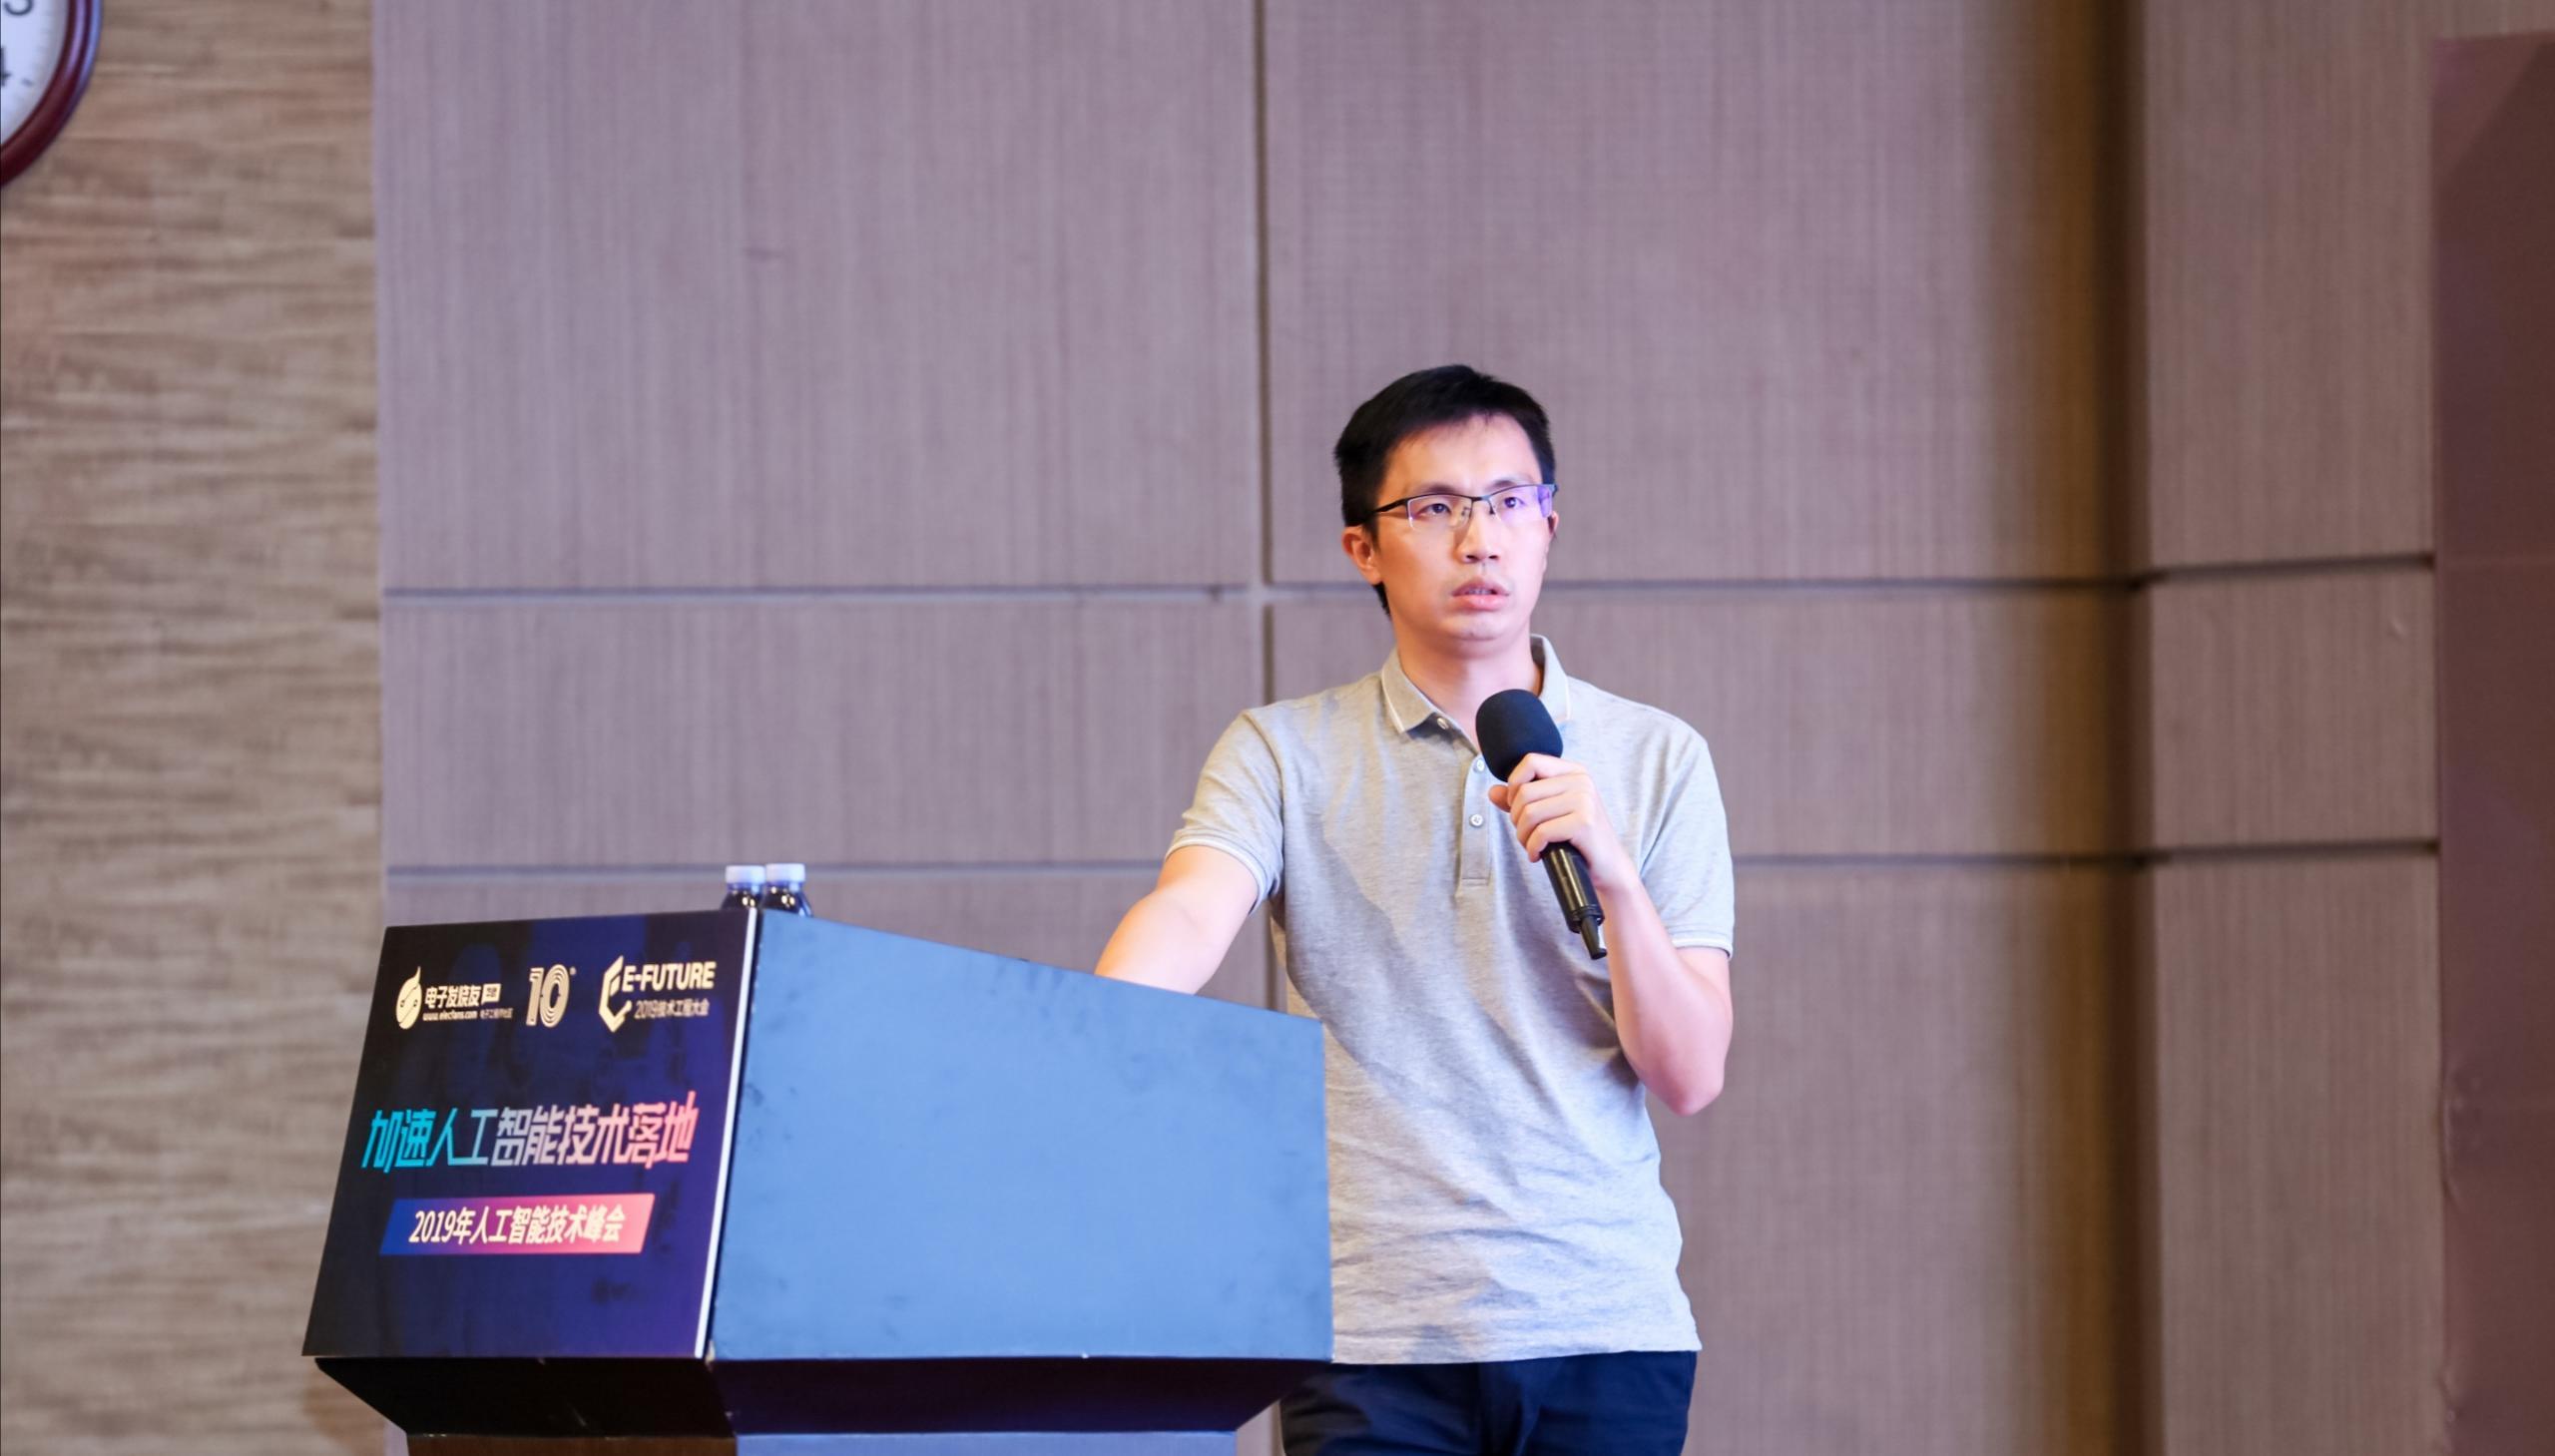 瑞芯微電子高級產品經理邱建斌